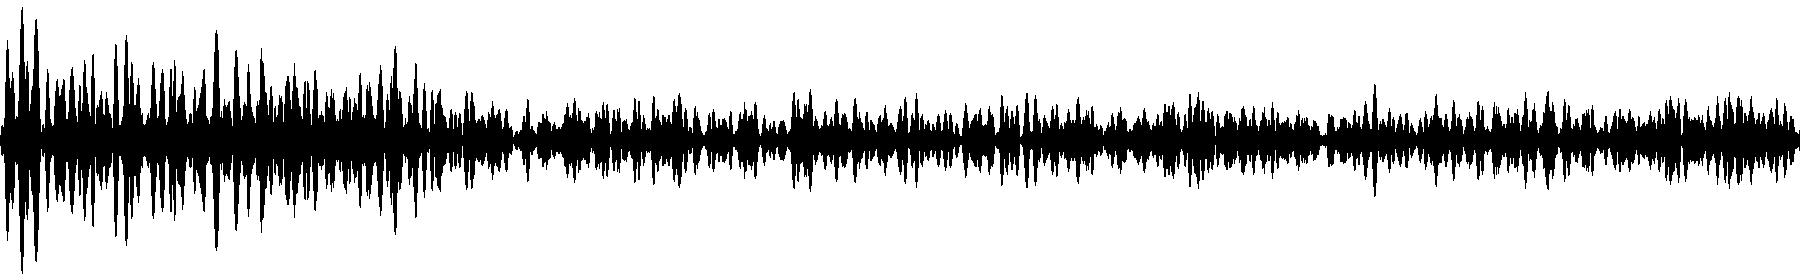 vedh synth cut 033 em11